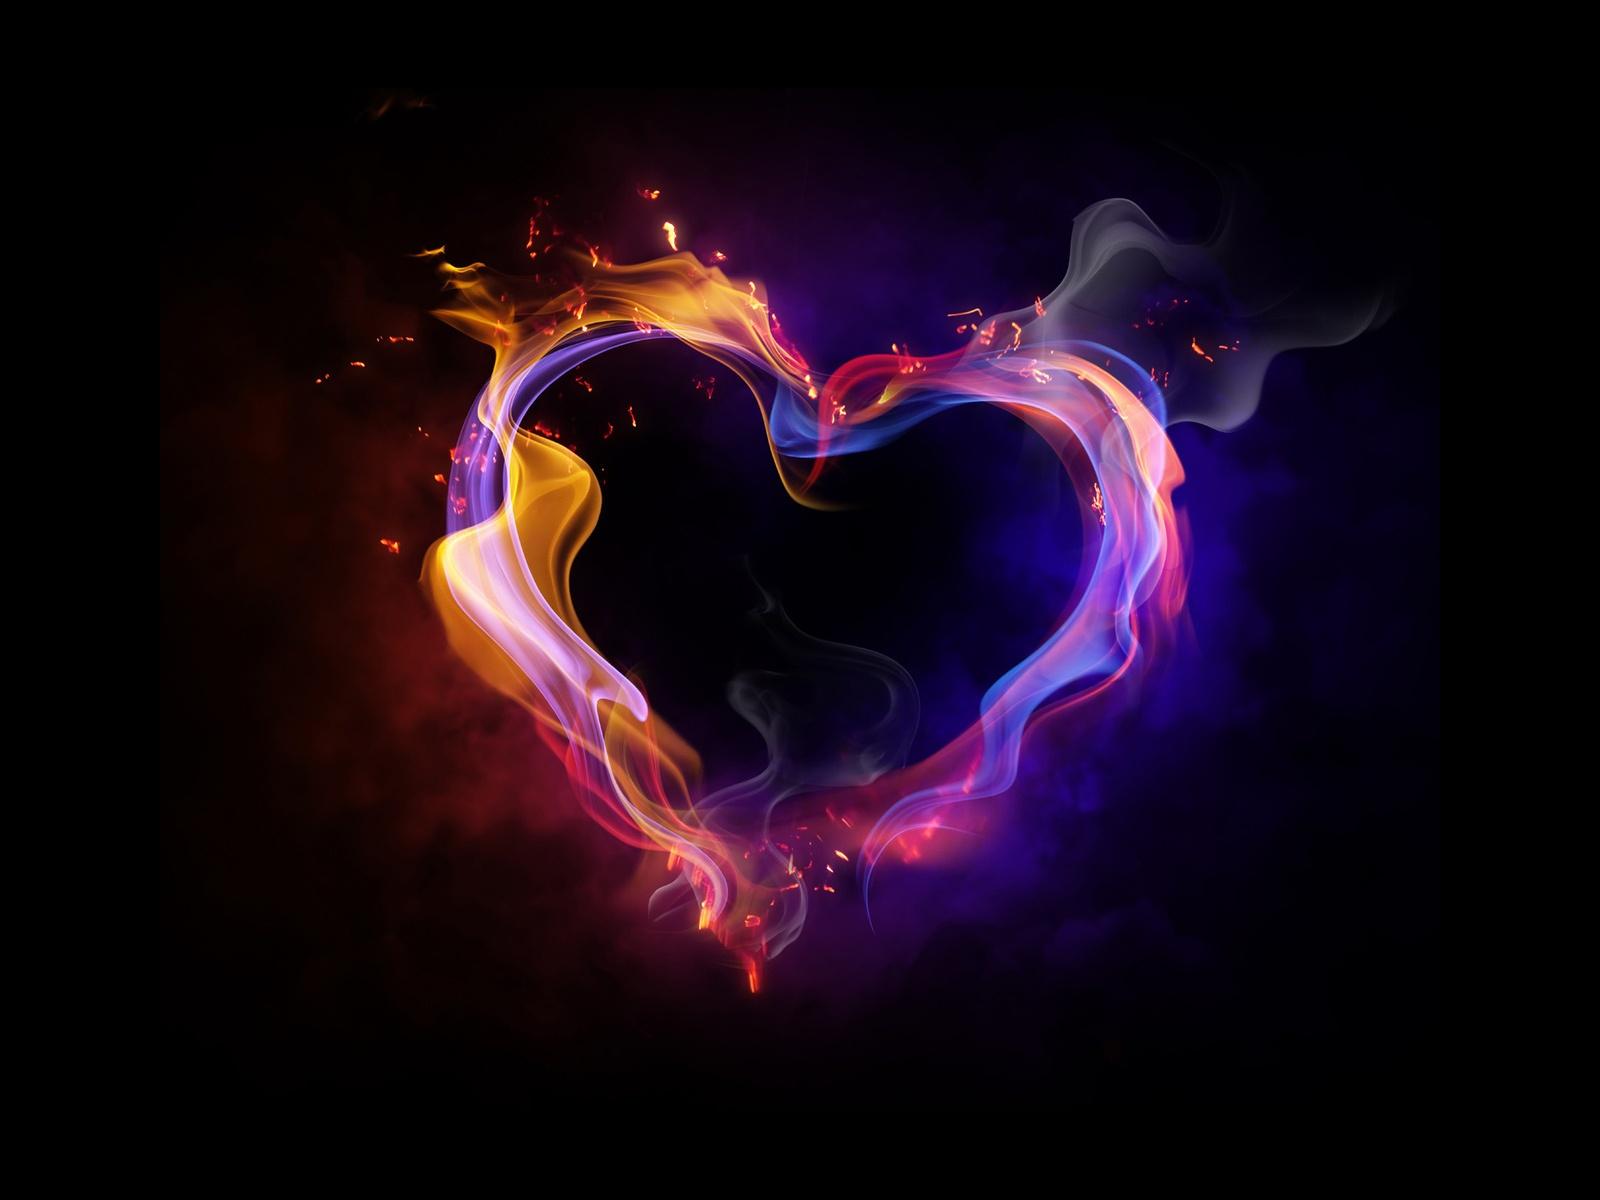 http://3.bp.blogspot.com/-mTMLk0g42Mc/T7-gRXppyzI/AAAAAAAAAAo/IsmuBS9cqhA/s1600/Fire+Heart+Love+HD+Wallpaper.jpg